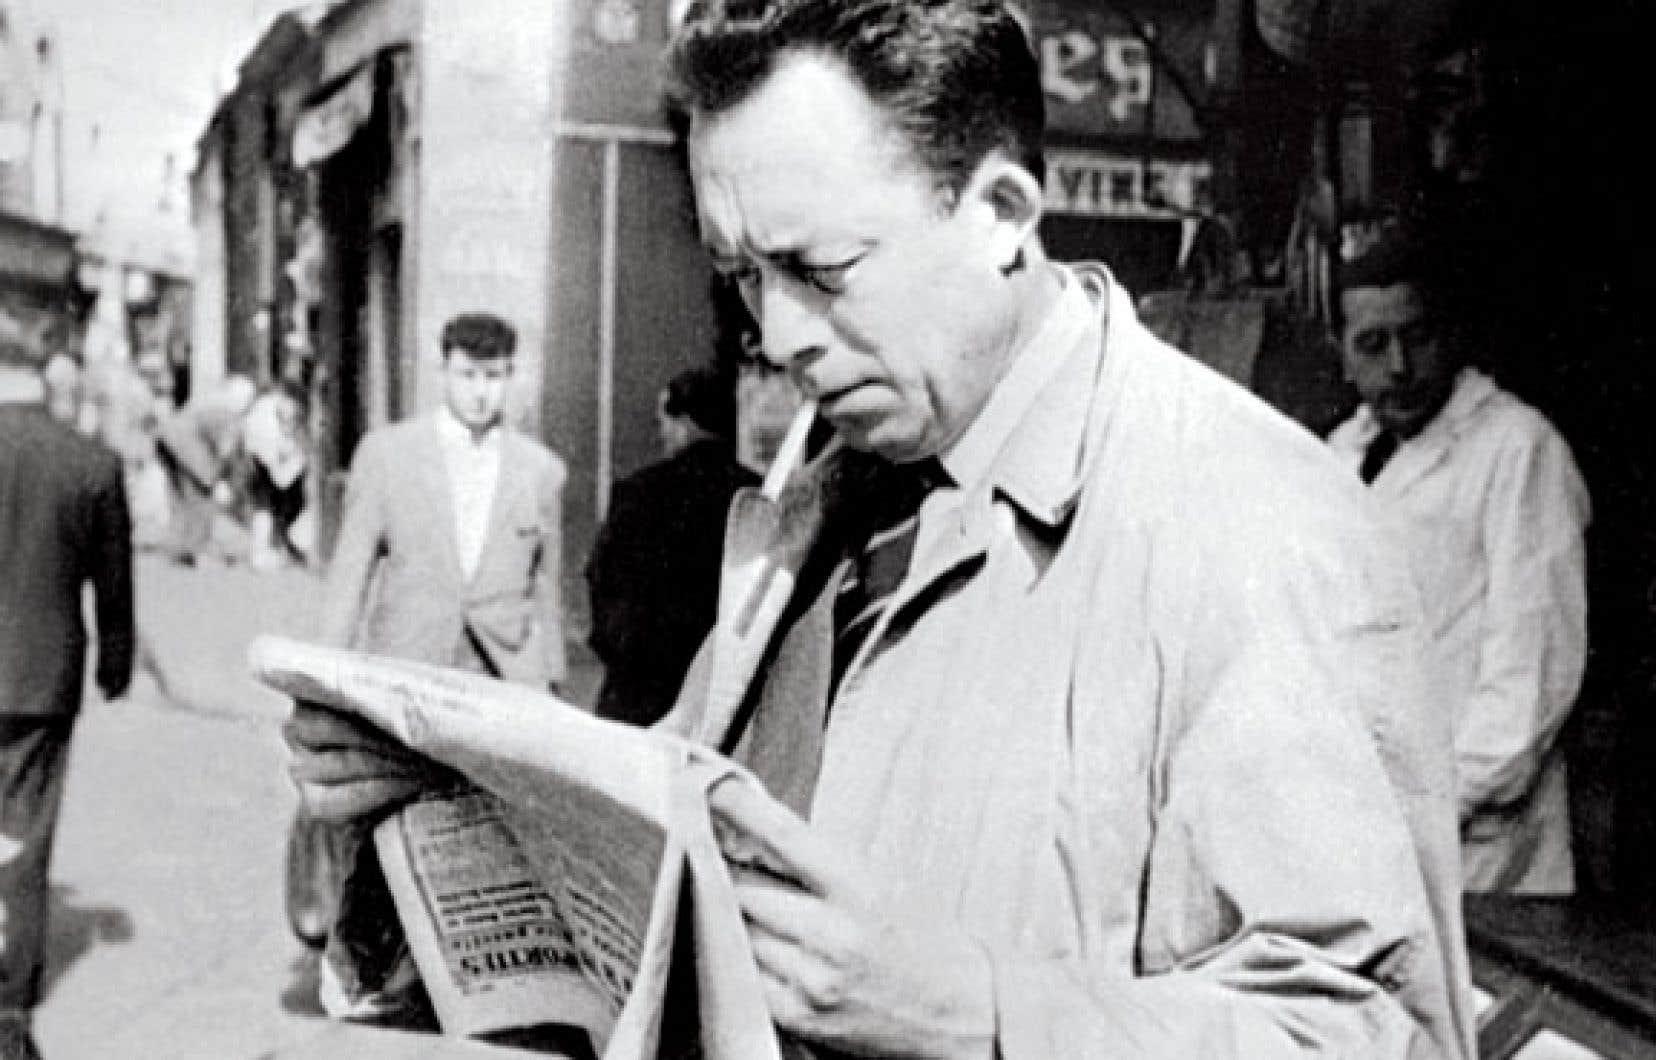 Lisant un journal, cigarette aux lèvres : attitude familière d'Albert Camus, écrivain, journaliste, philosophe et Prix Nobel de littérature 1957. S'il est encore si actuel, c'est que, 100 ans après sa naissance et 53 ans après sa mort, Camus est devenu « la conscience de son époque ».